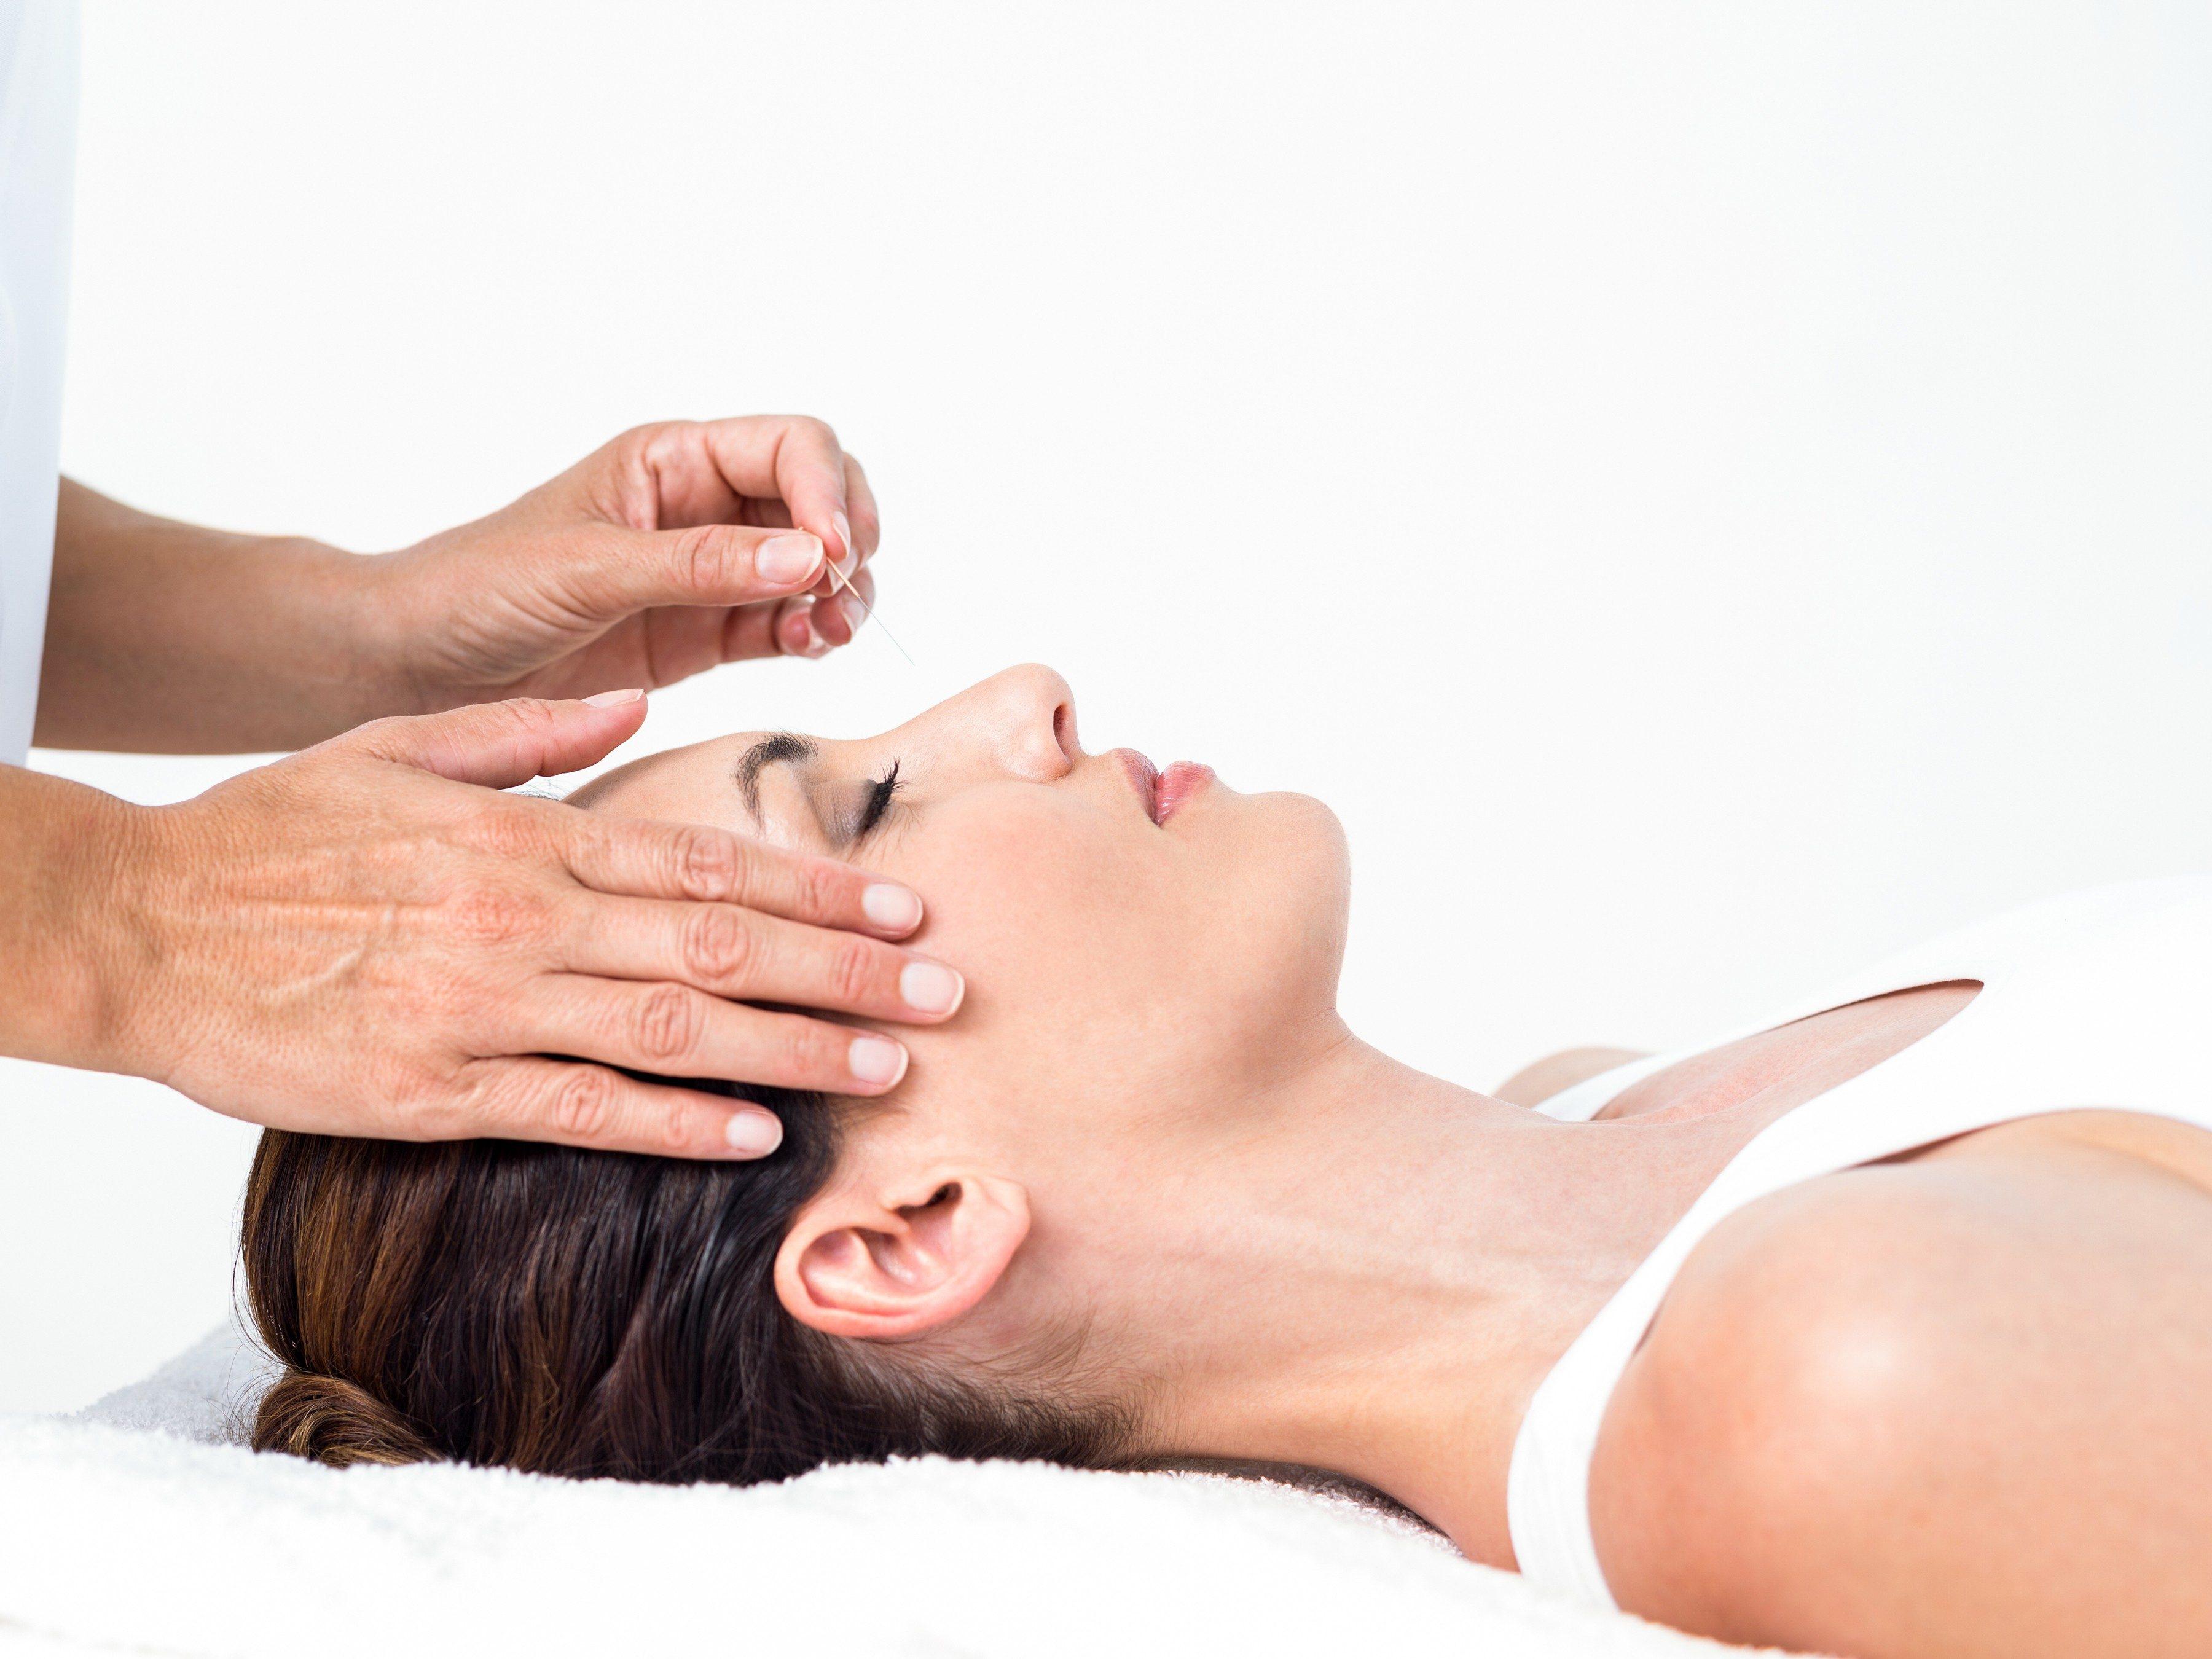 8. Acupuncture